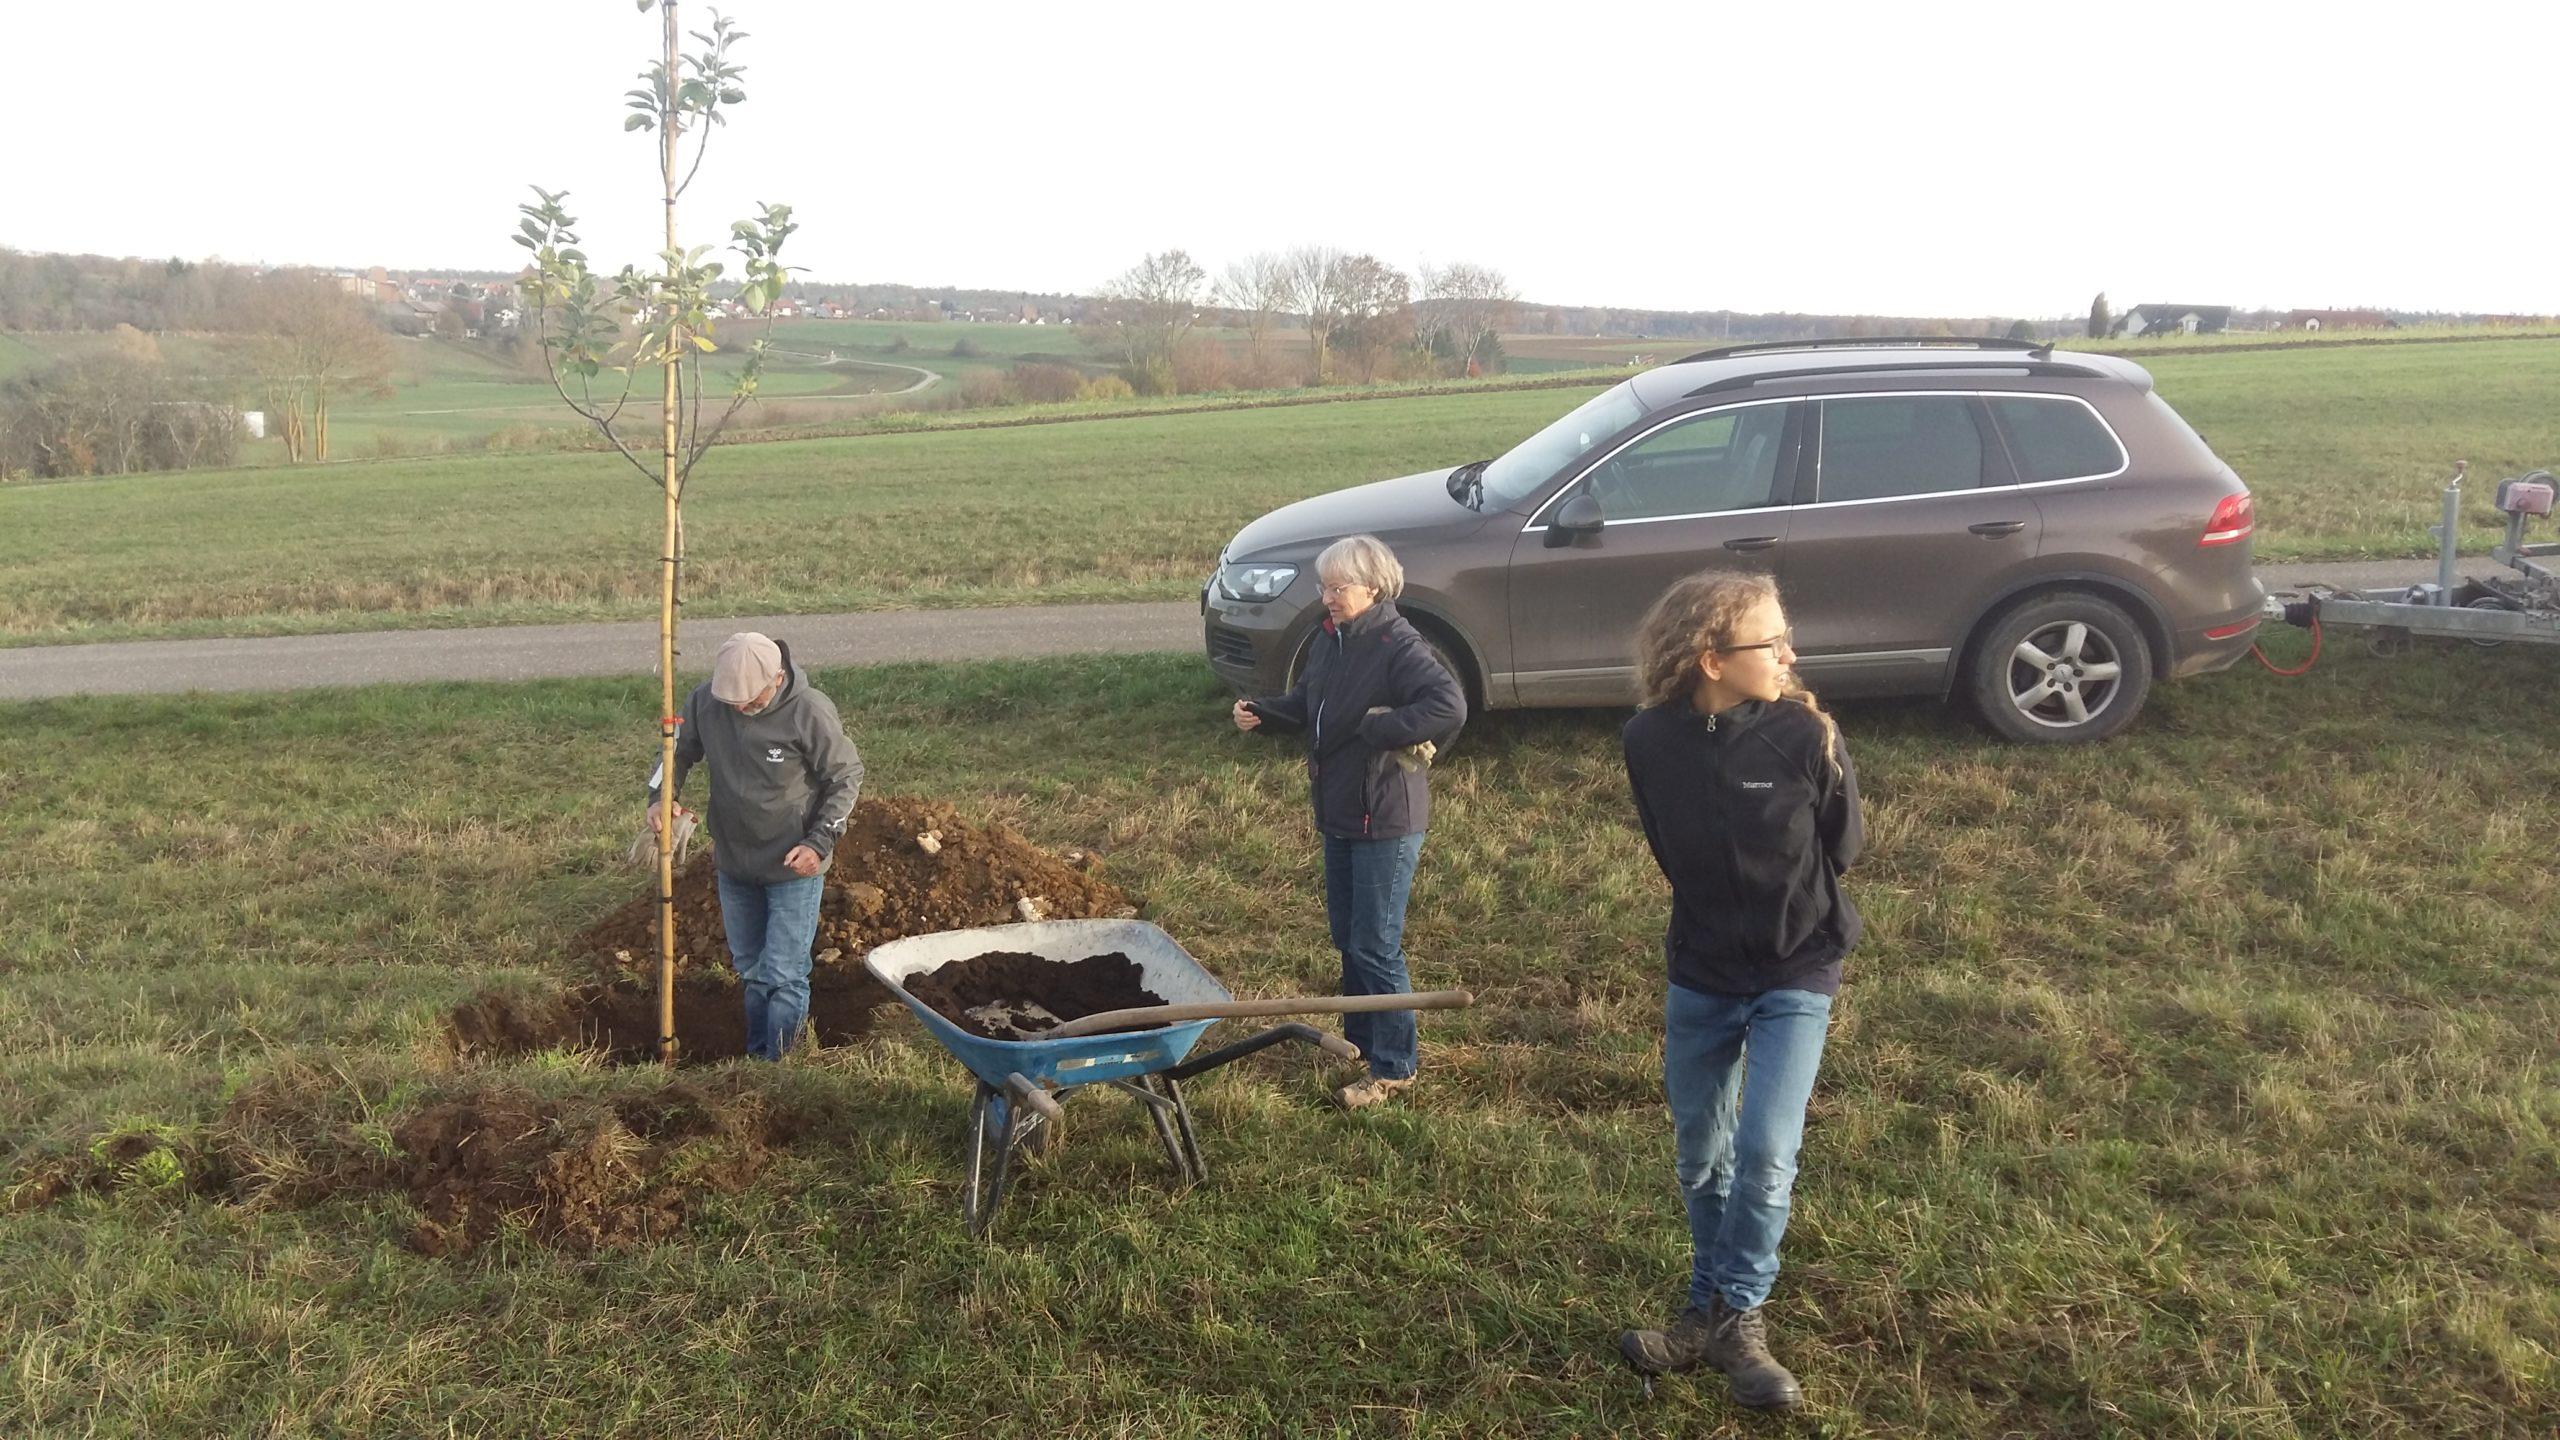 Baumpflanzaktion AK Umwelt – 7 Bäume sind gepflanzt